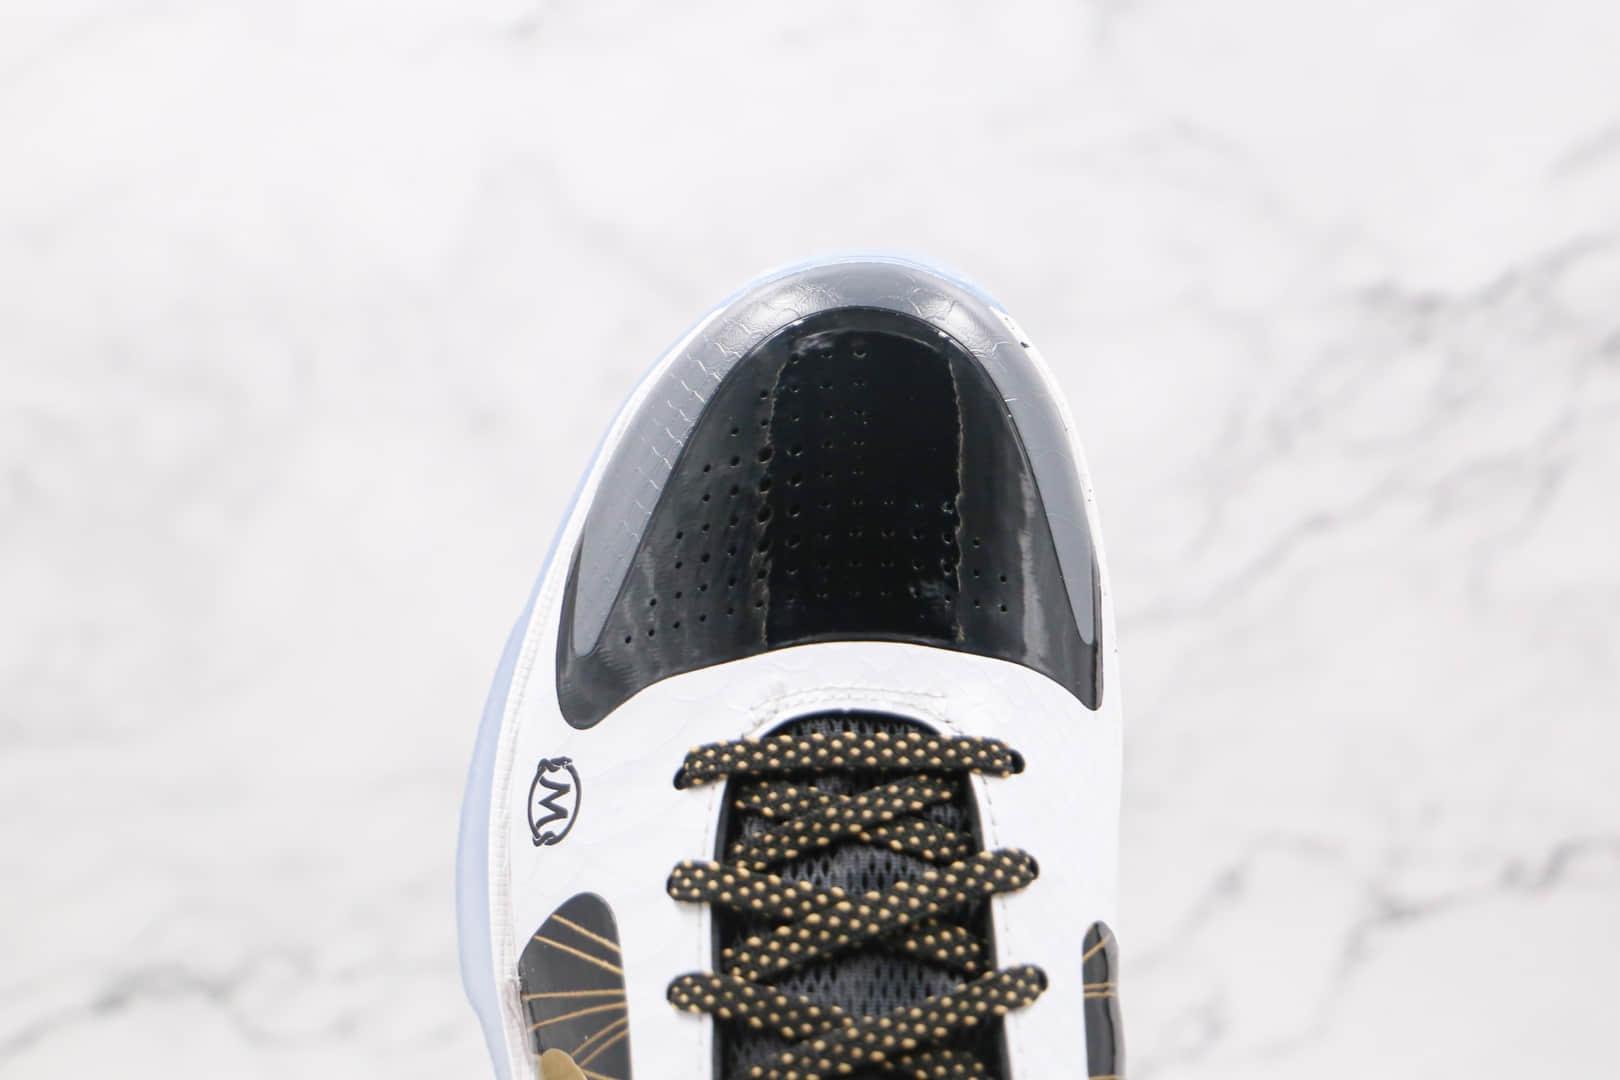 耐克Nike KOBE 5 PROTRO纯原版本科比5代塔克天使篮球鞋内置气垫支持实战 货号:CD0824-127